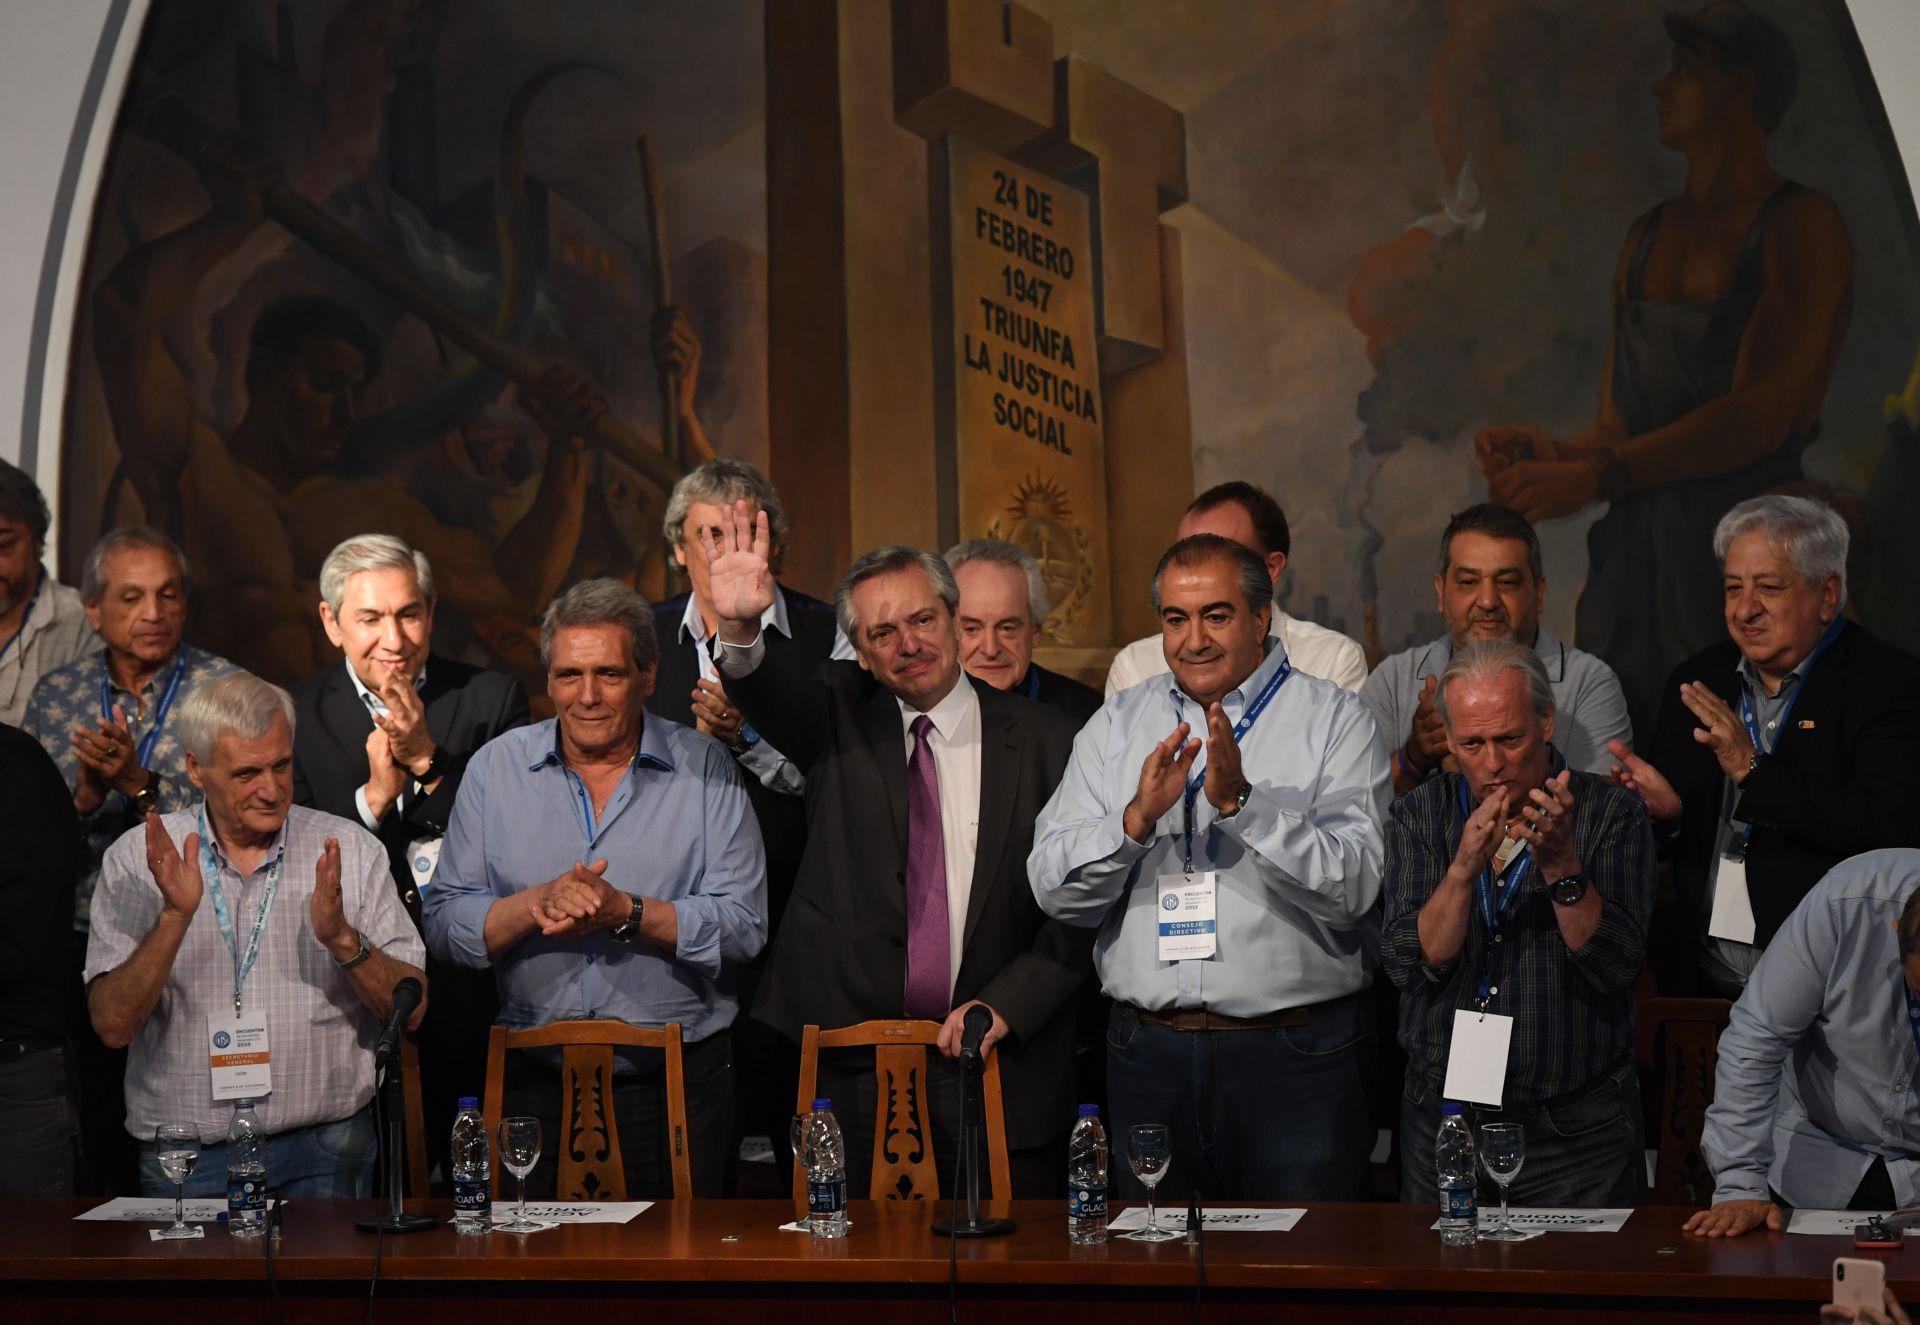 La primera y última visita de Alberto Fernández a la CGT se produjo el 19 de noviembre pasado